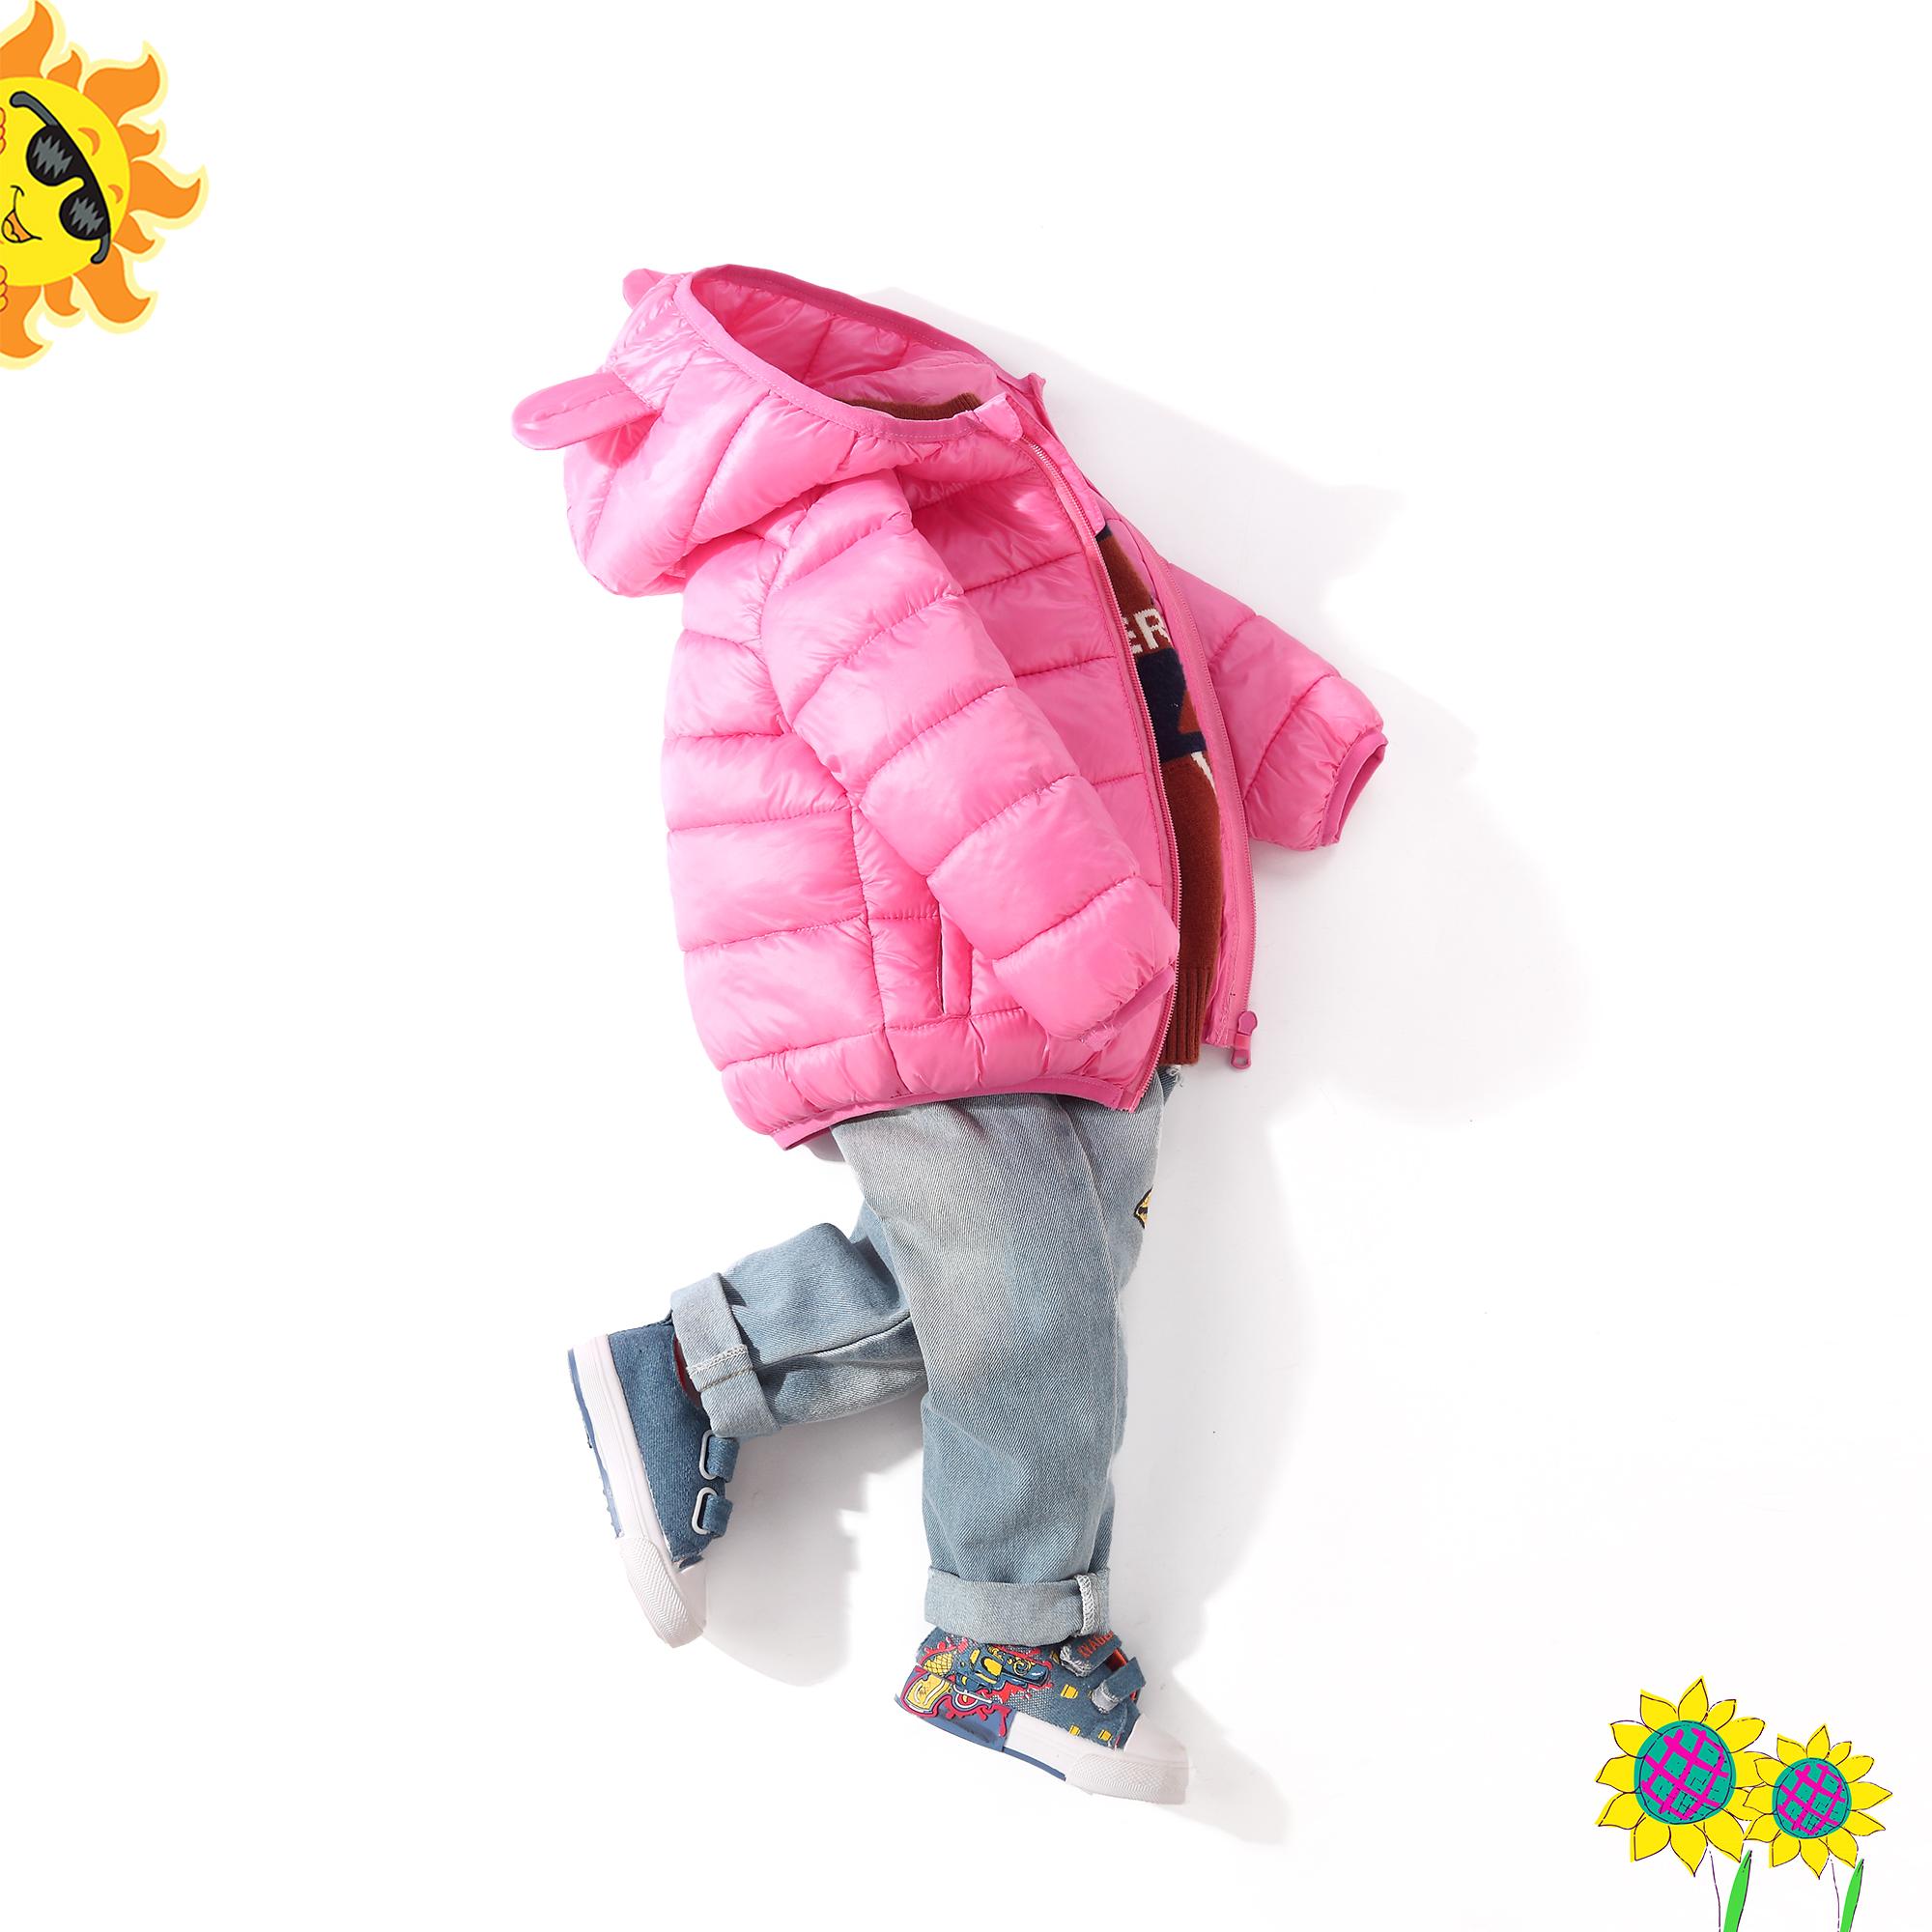 HM&AE儿童羽绒棉服轻薄款男童棉衣棉袄短款中小童外套女童宝宝潮